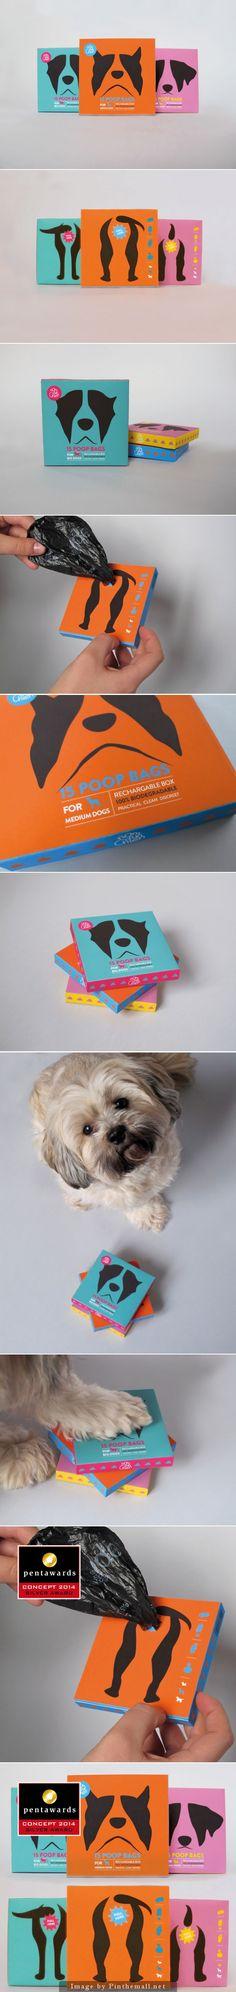 Nom d'un chien (Concept) by Marine Bacot